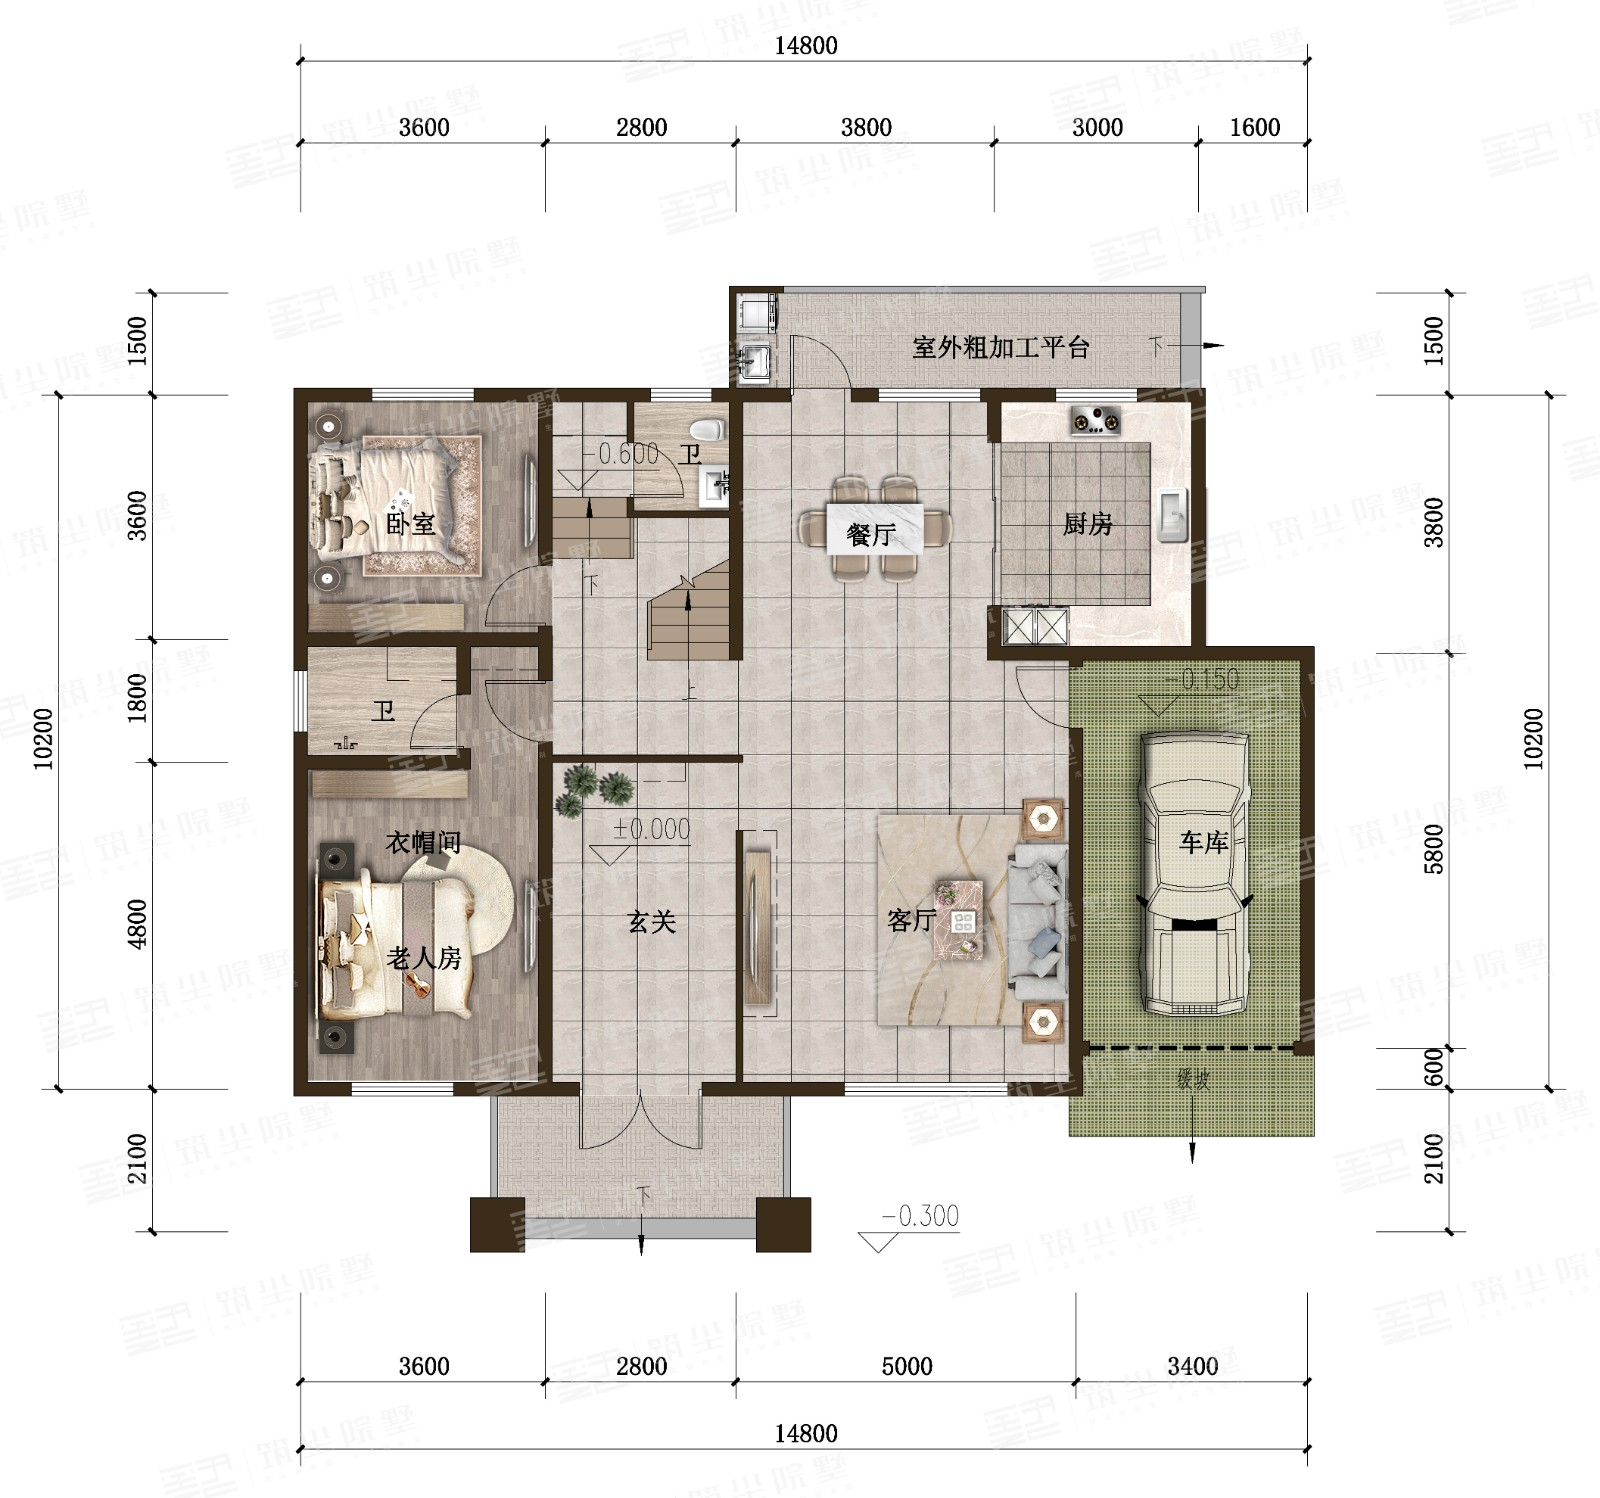 新亚洲风情院墅系列·豪华款X2